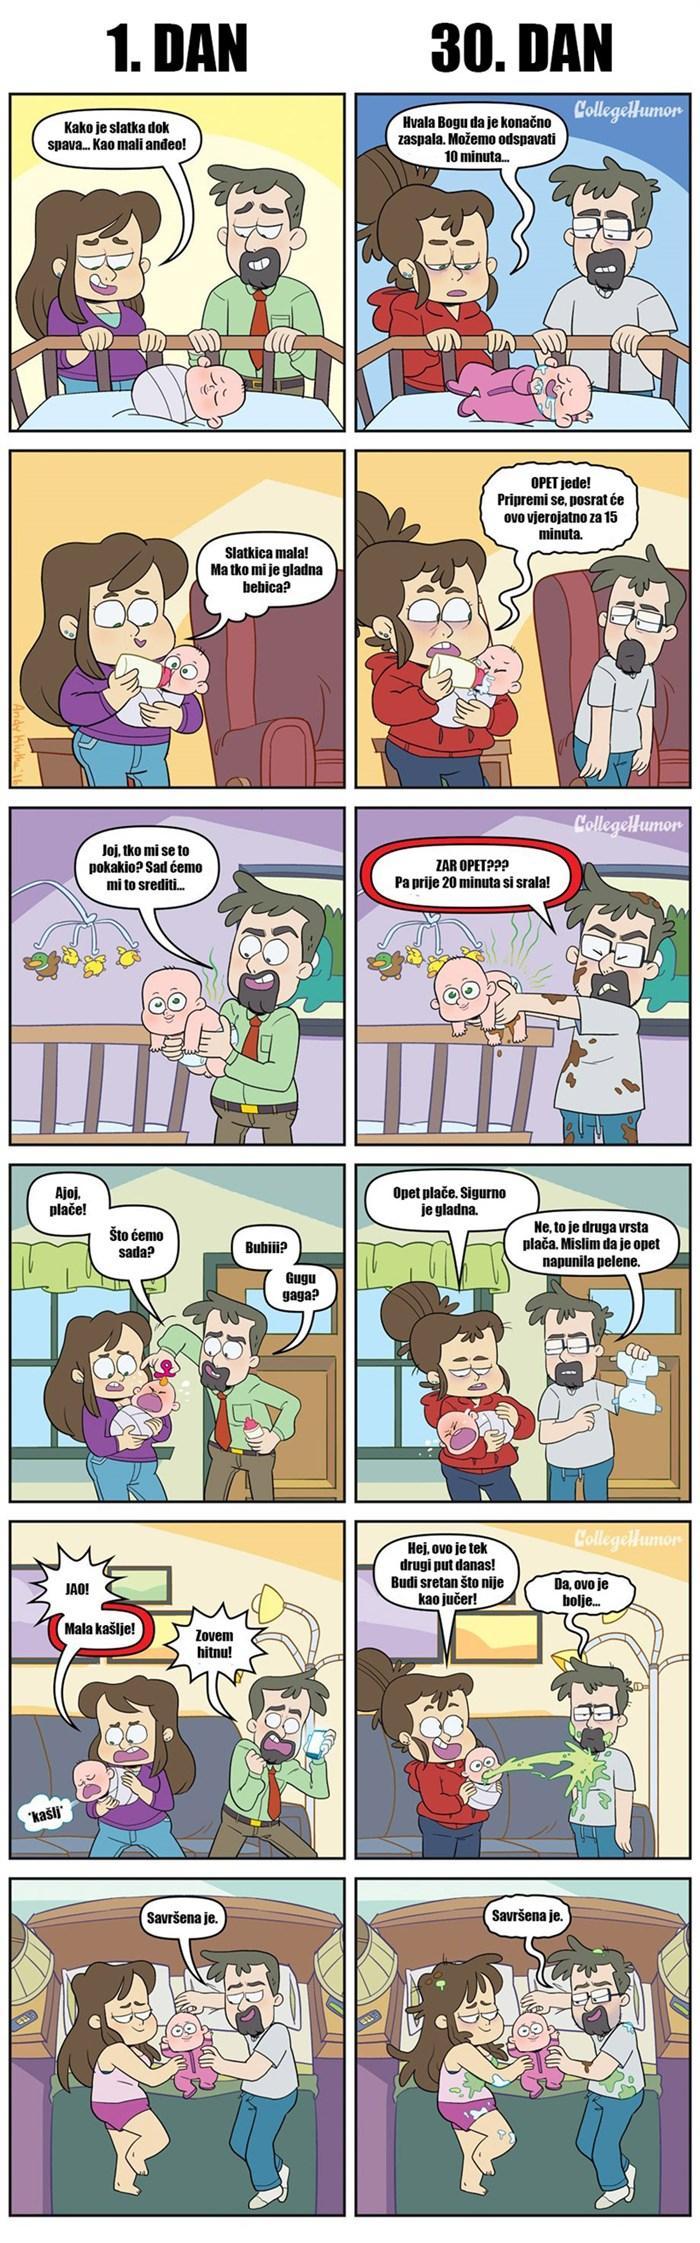 Nije lako biti roditelj: Strip pokazuje kako život s bebom izgleda nakon mjesec dana